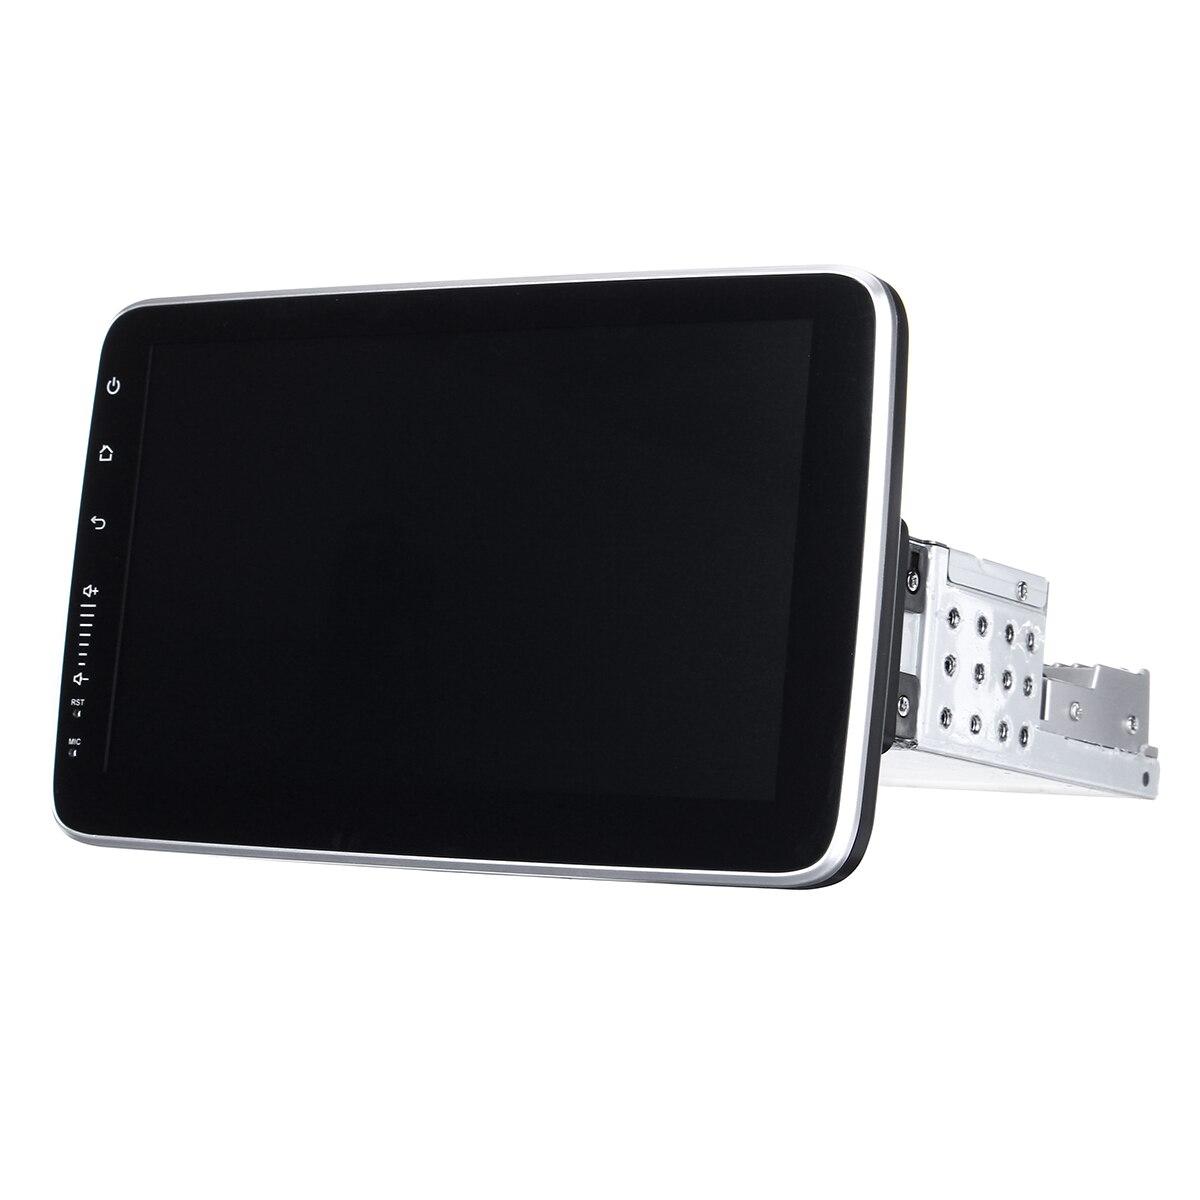 Lecteur multimédia de voiture 10.2 8 Core 1Din stéréo 16/32G pour Android 8.0/8.1 avec écran rotatif de 360 degrés lecteur Radio GPS WiFi - 4